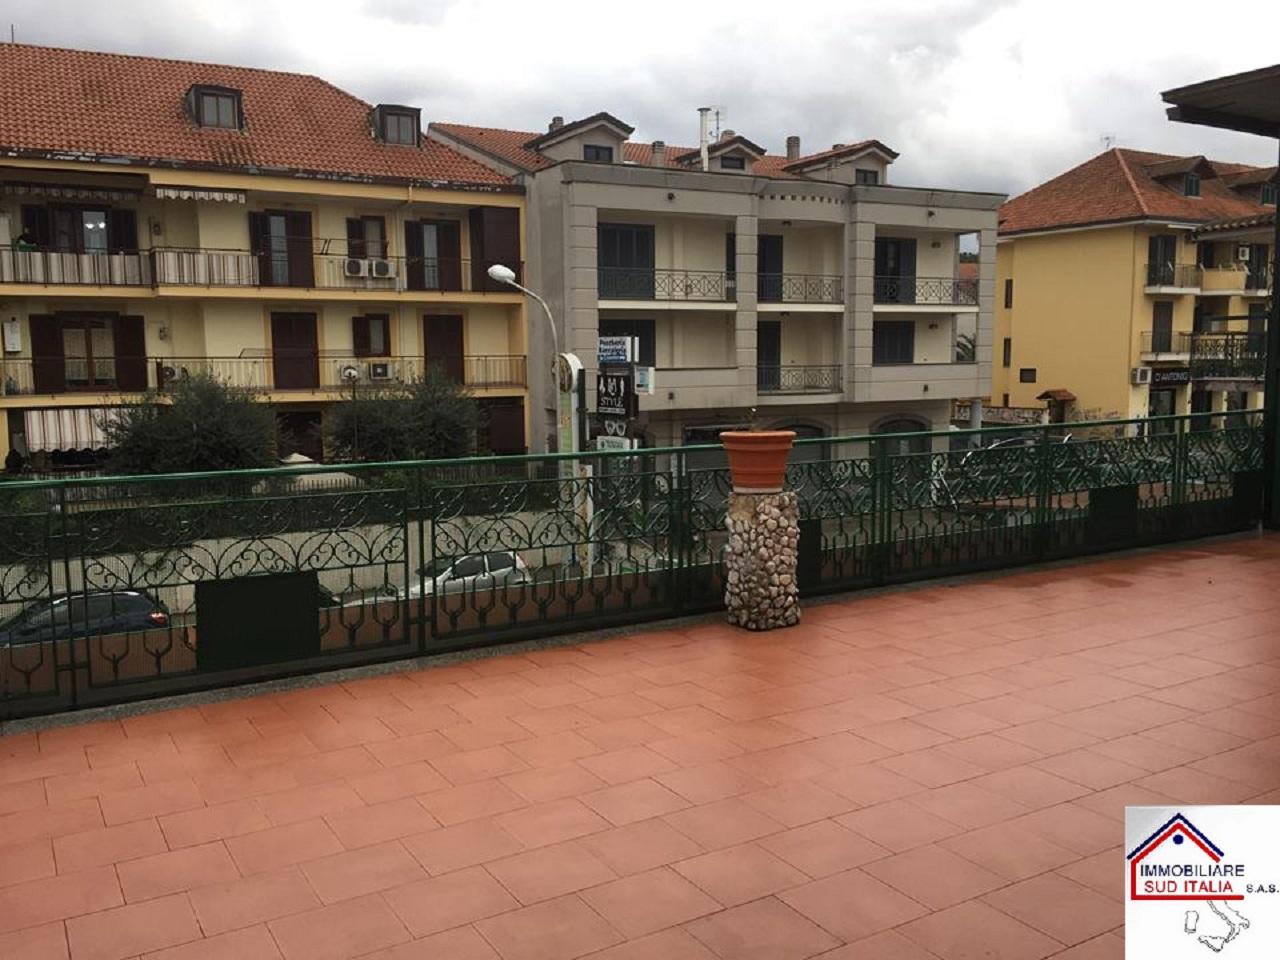 Immobile a Giugliano in Campania